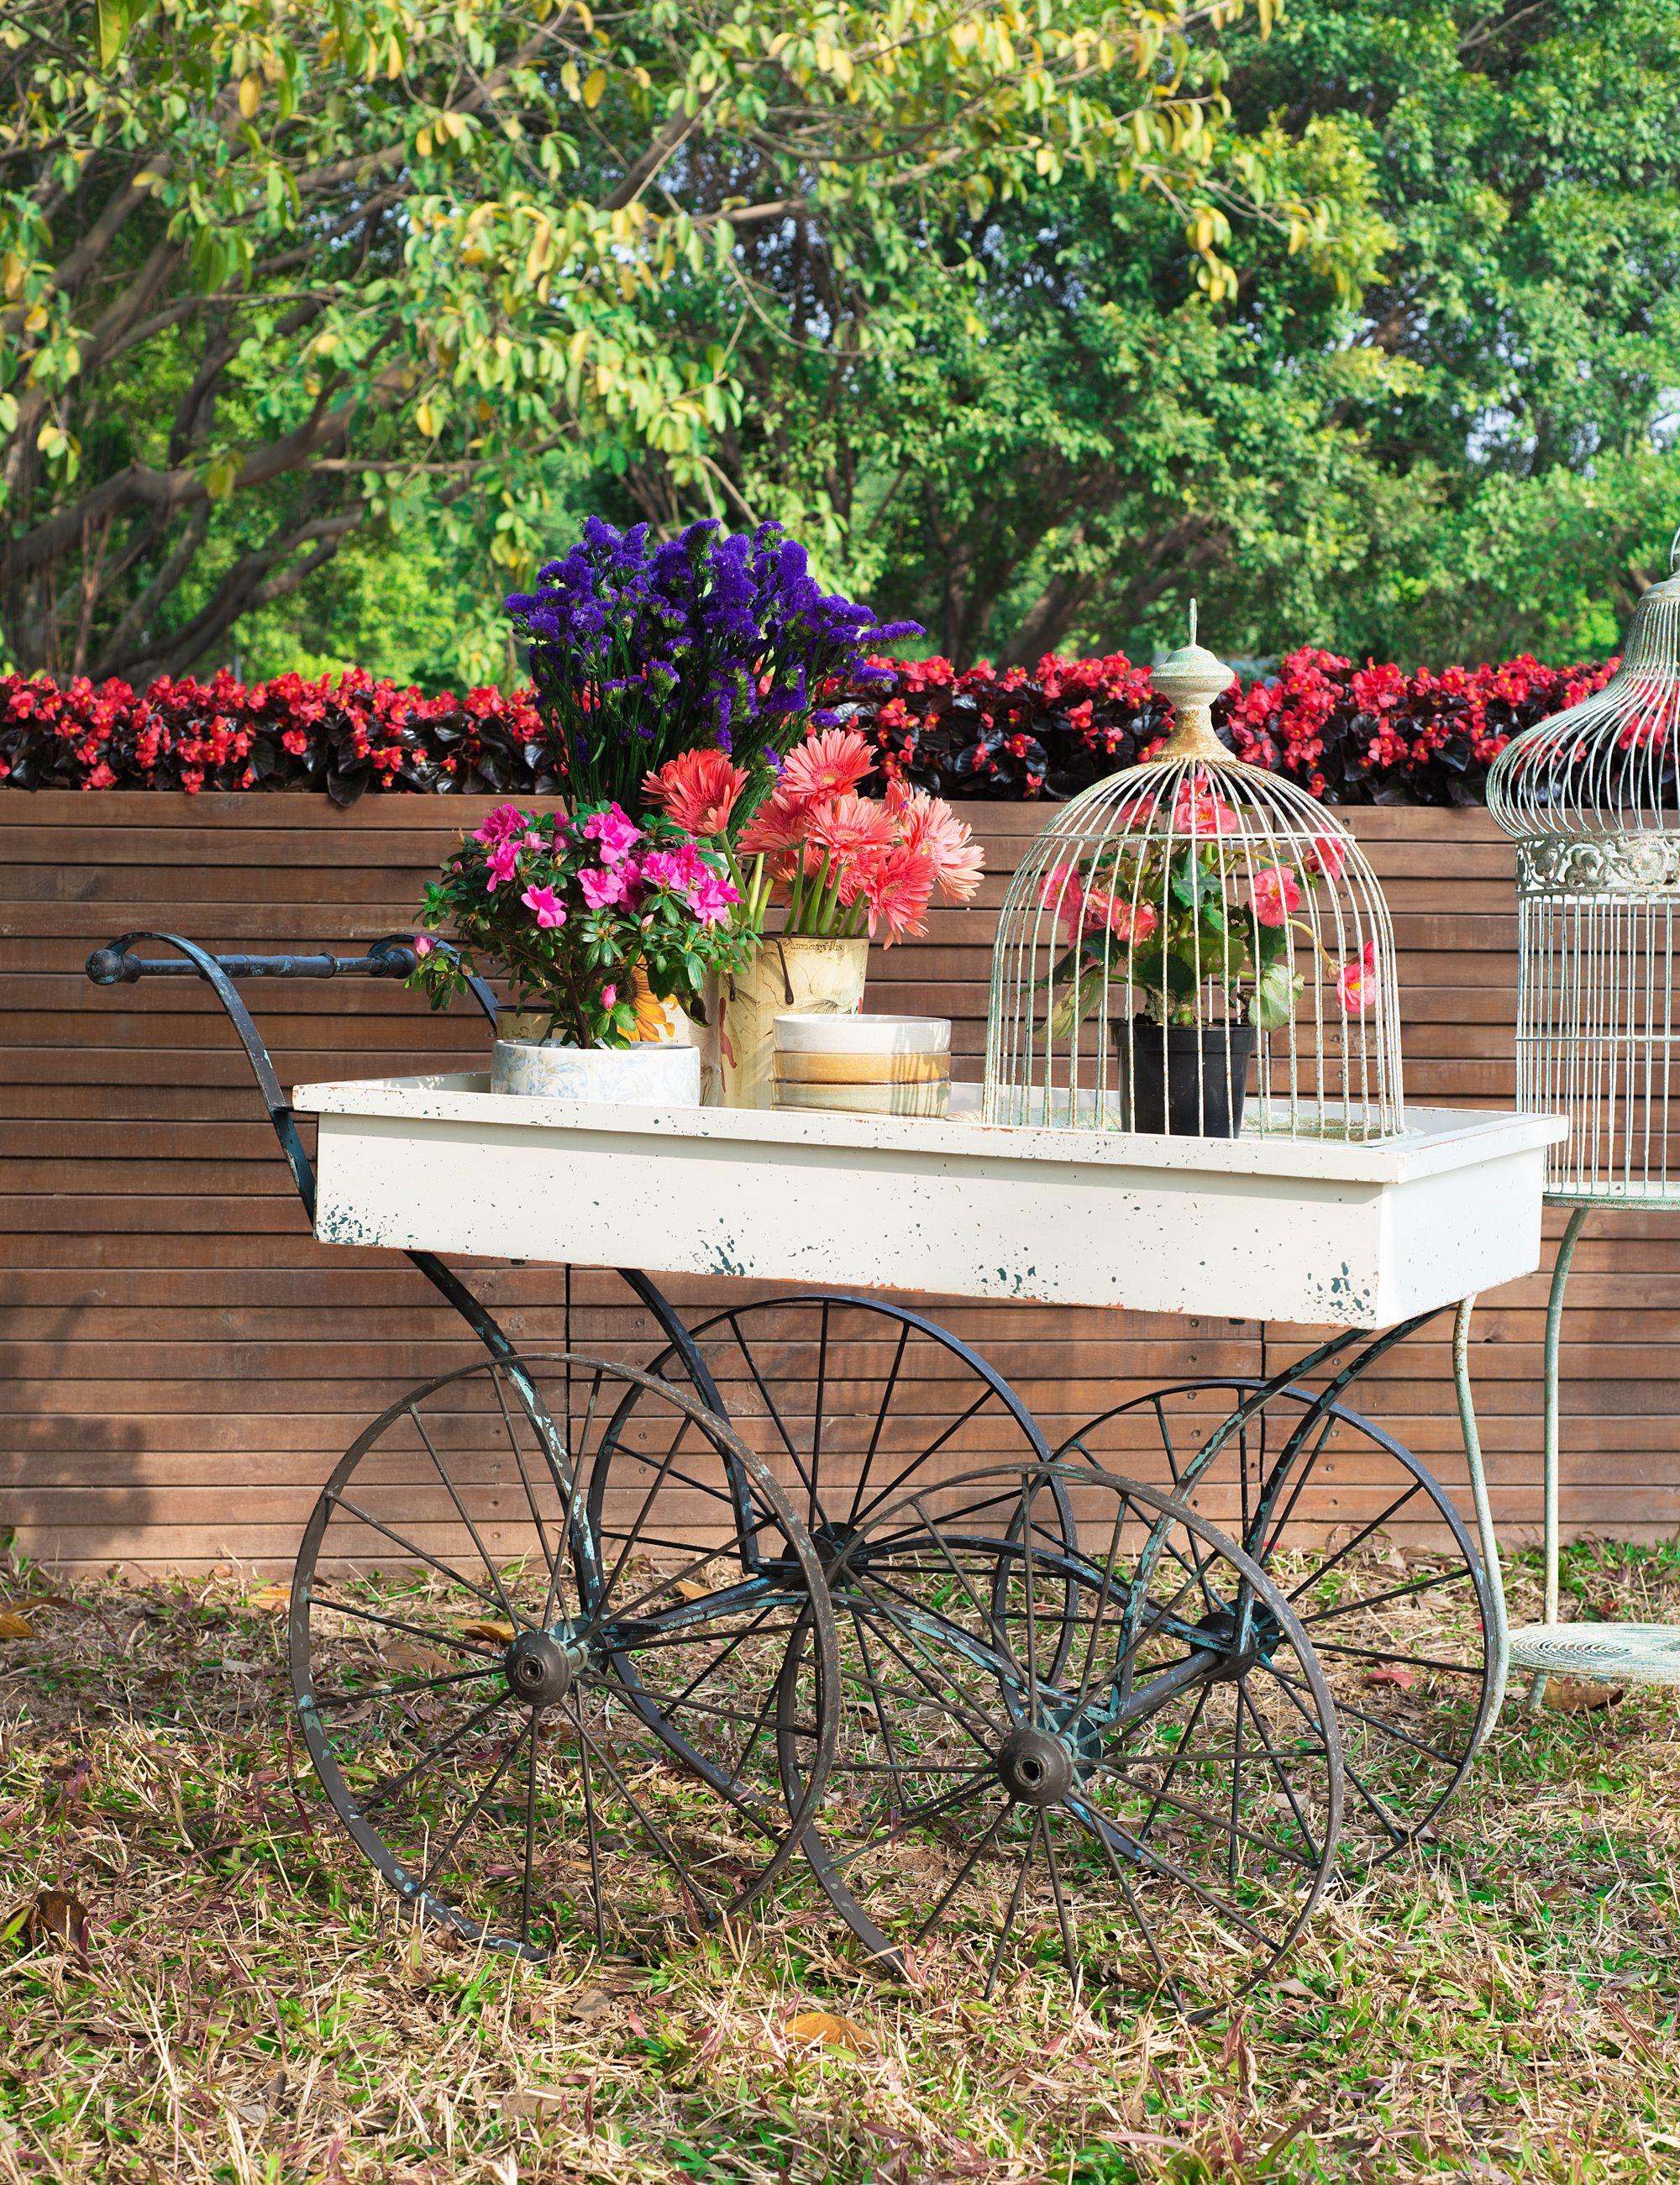 Co Op Garden Furniture Secret garden outdoor furniture metal pine cart kd creative secret garden outdoor furniture metal pine cart kd creative co op workwithnaturefo